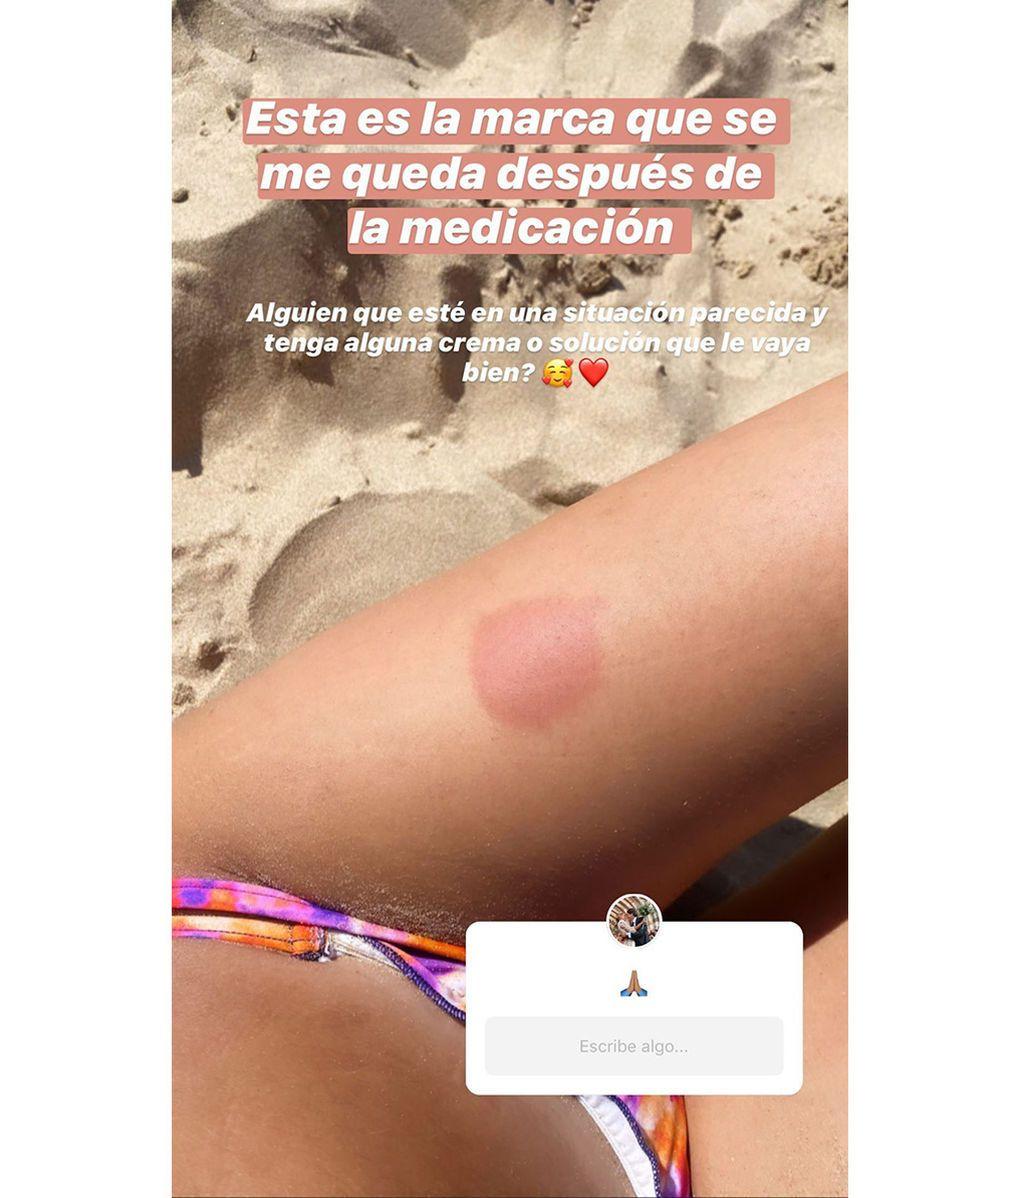 María Pombo enseña el efecto secundario de su medicación